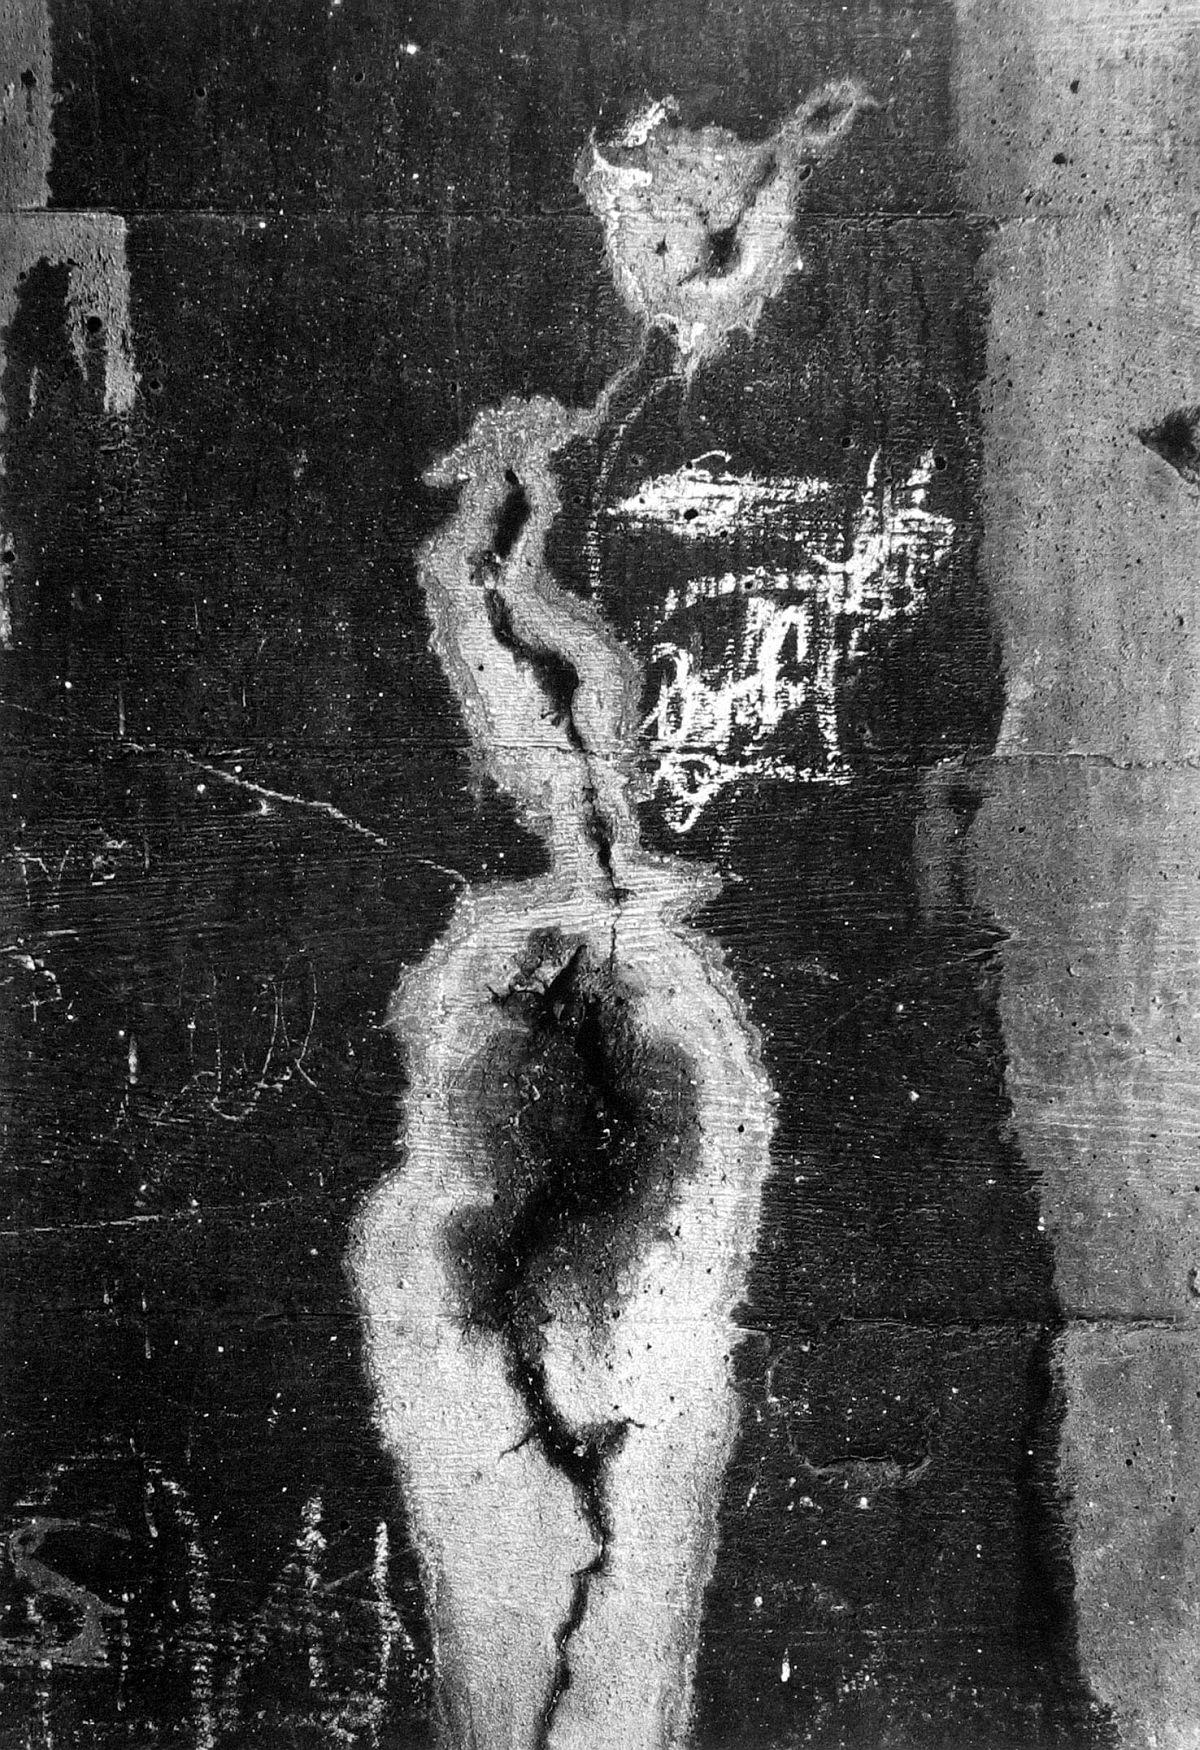 Siskind, Aaron. Chicago 10, 1948. Gelatin silver print, 16 x 13 3/8 in. (40.6 x 33.9 cm)